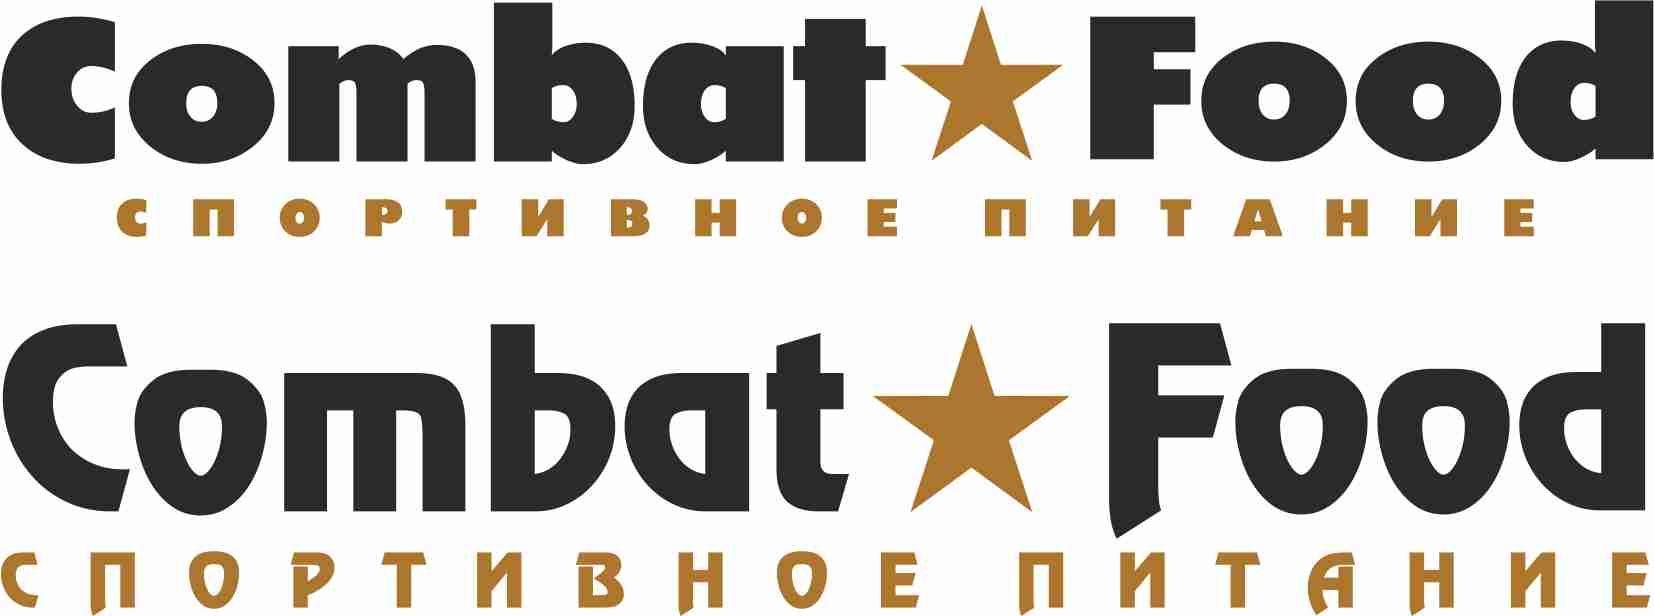 Логотип для интернет-магазина спортивного питания - дизайнер norma-art